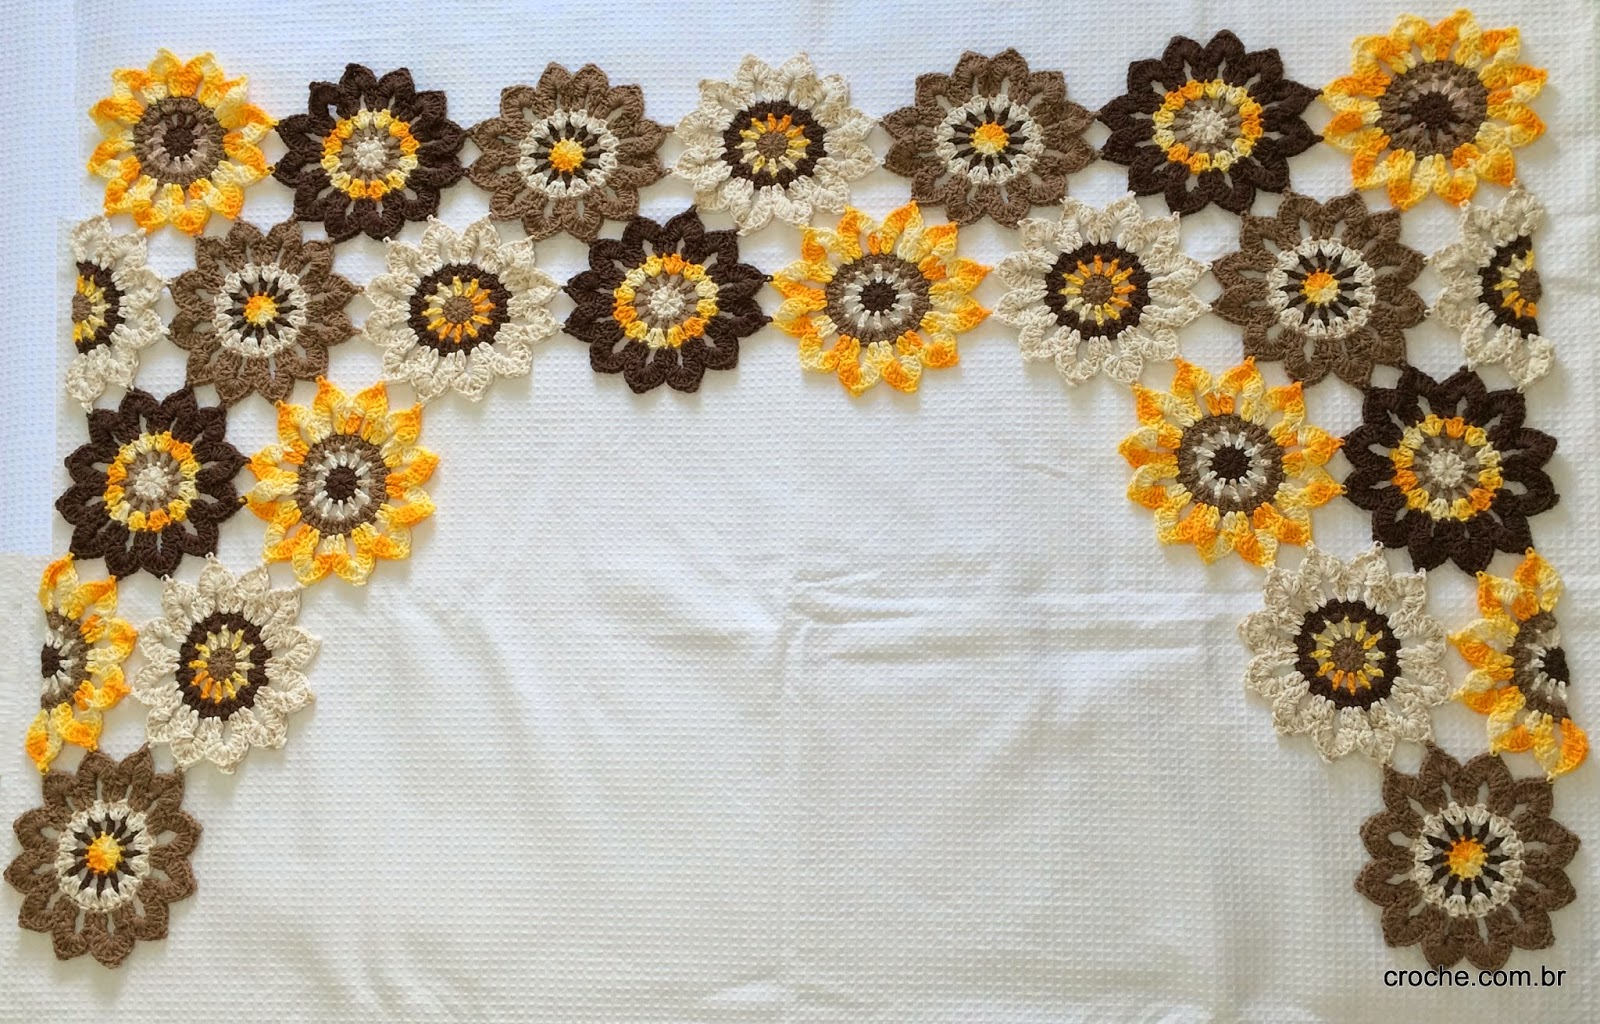 Cortina de flores em crochê confeccionada com barbante barroco multicolor da círculo